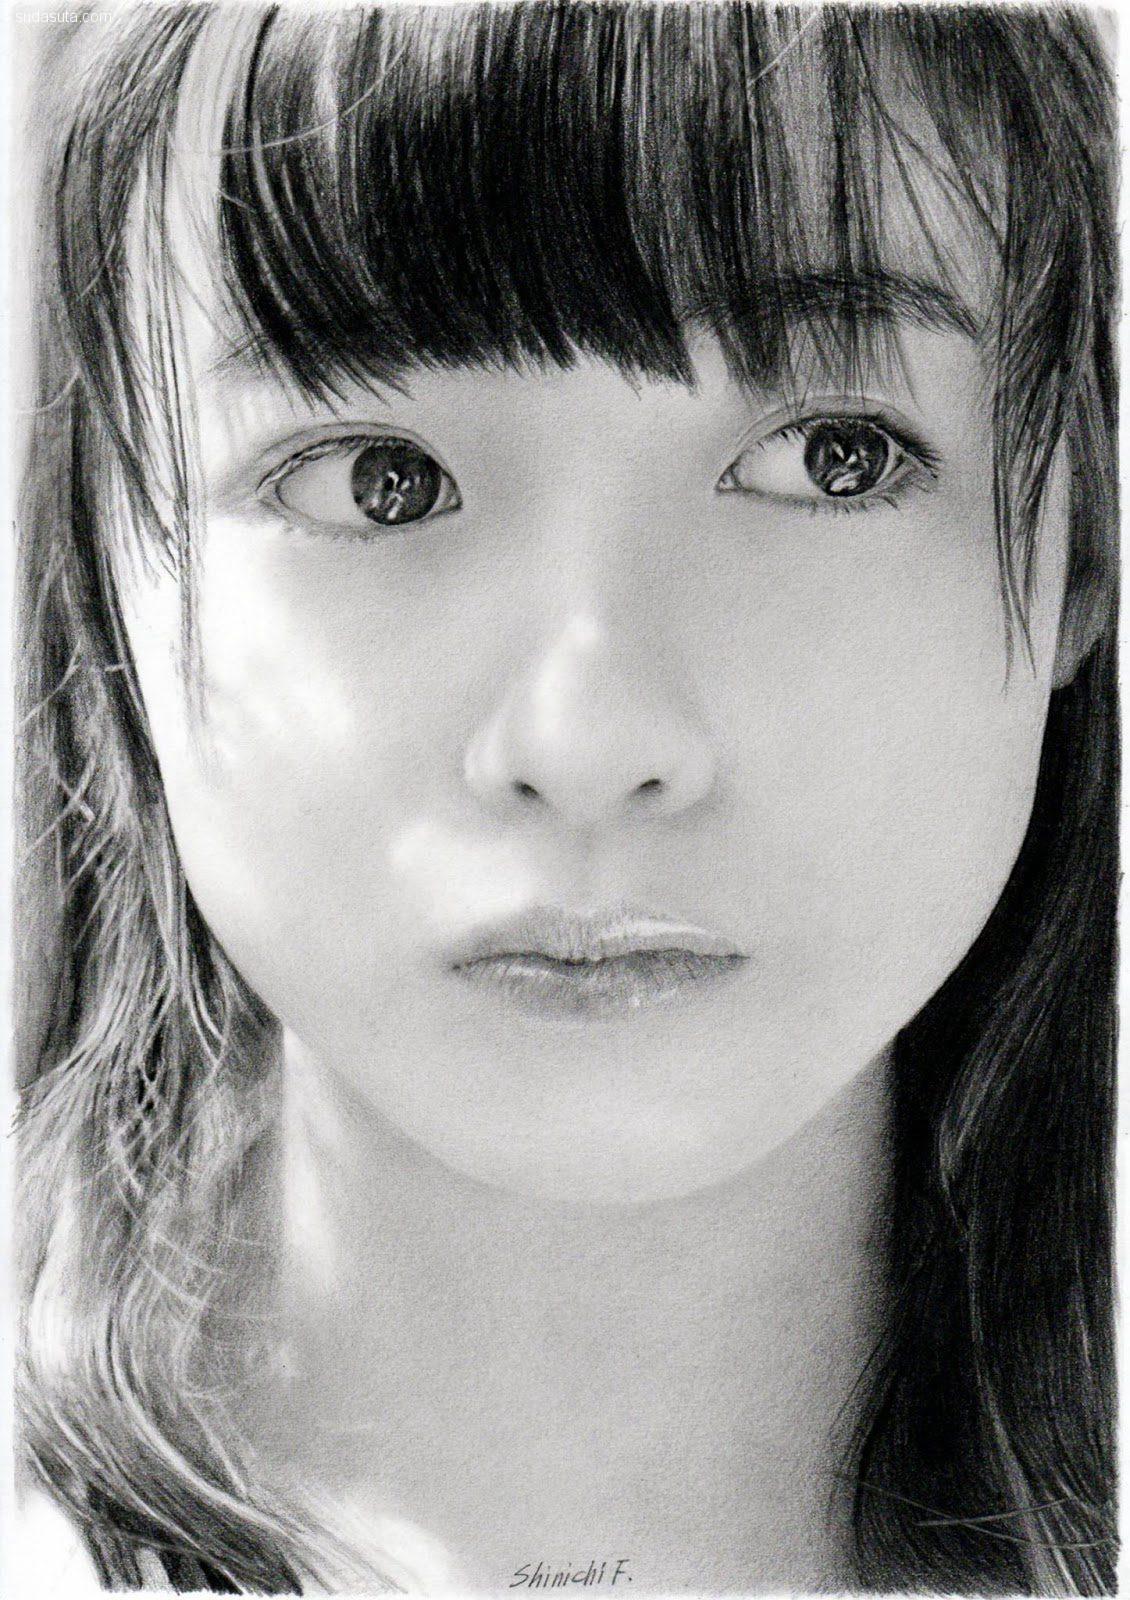 古谷振一(Shinichi Furaya) 人像插画欣赏